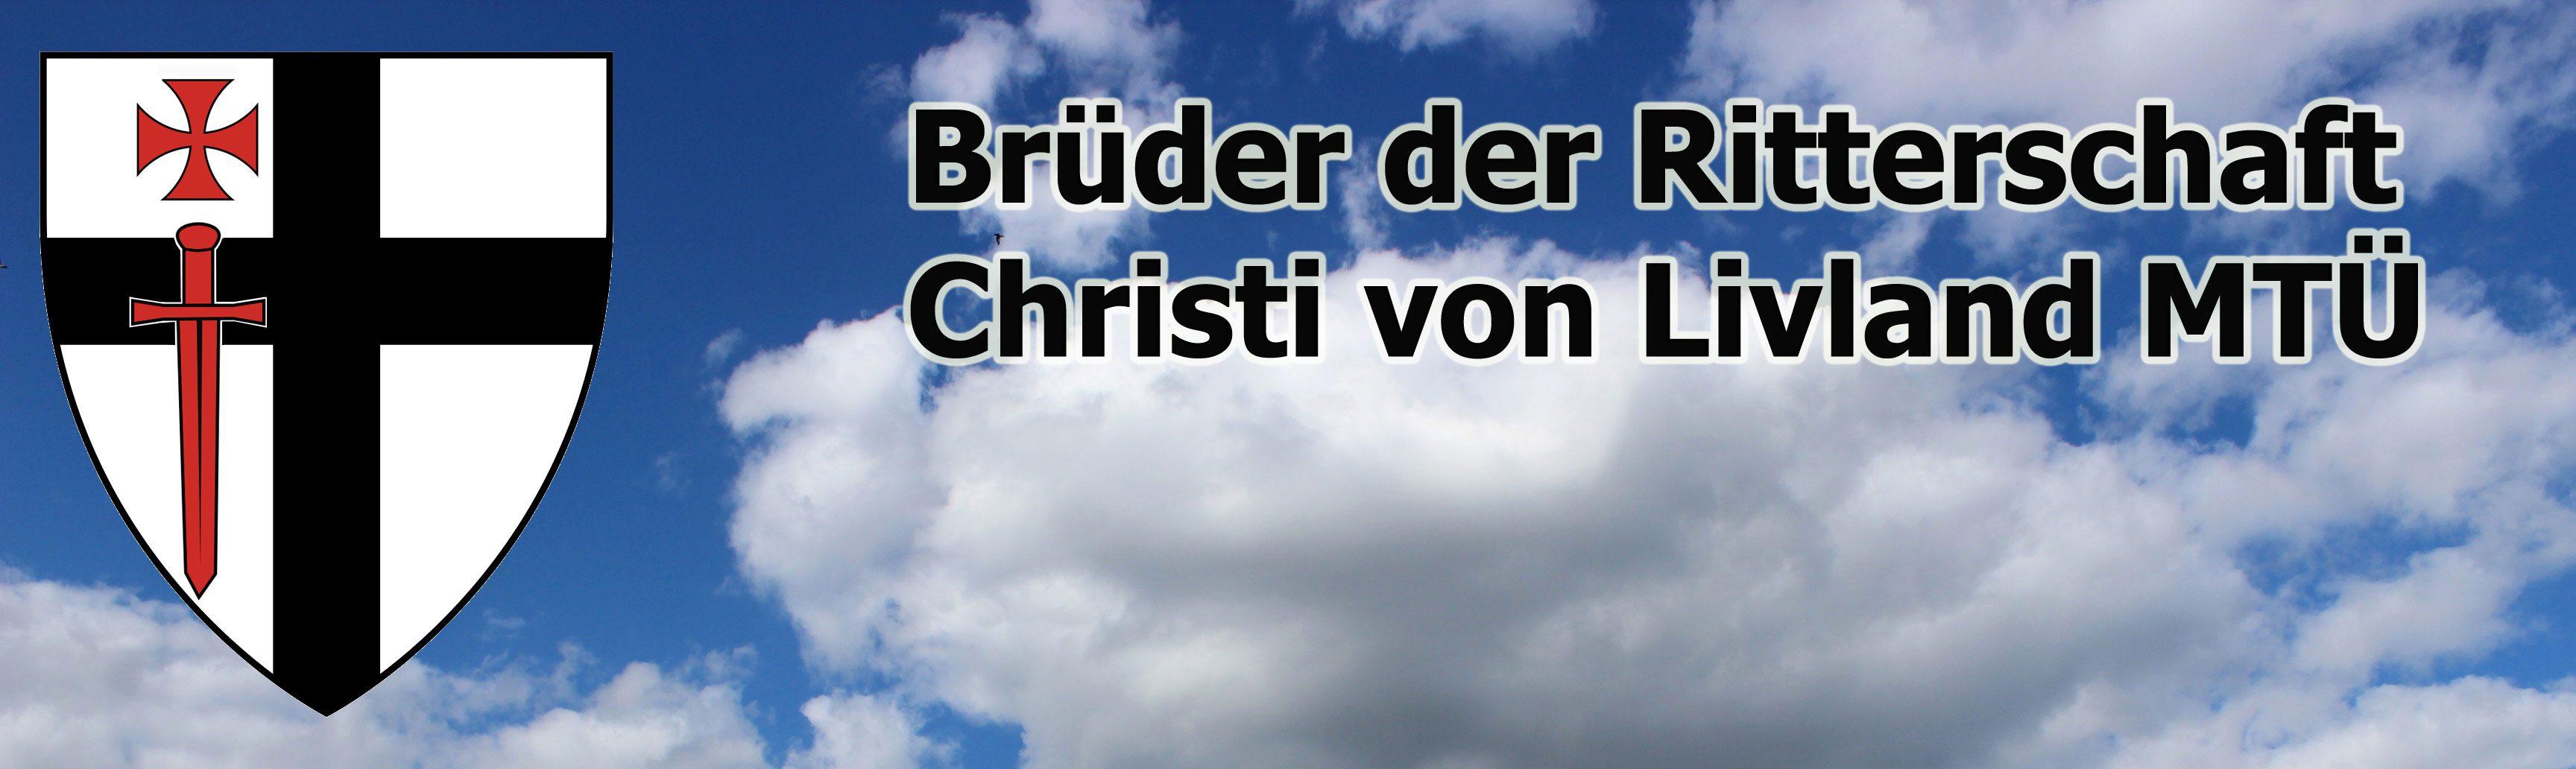 Brüder der Ritterschaft Christi von Livland